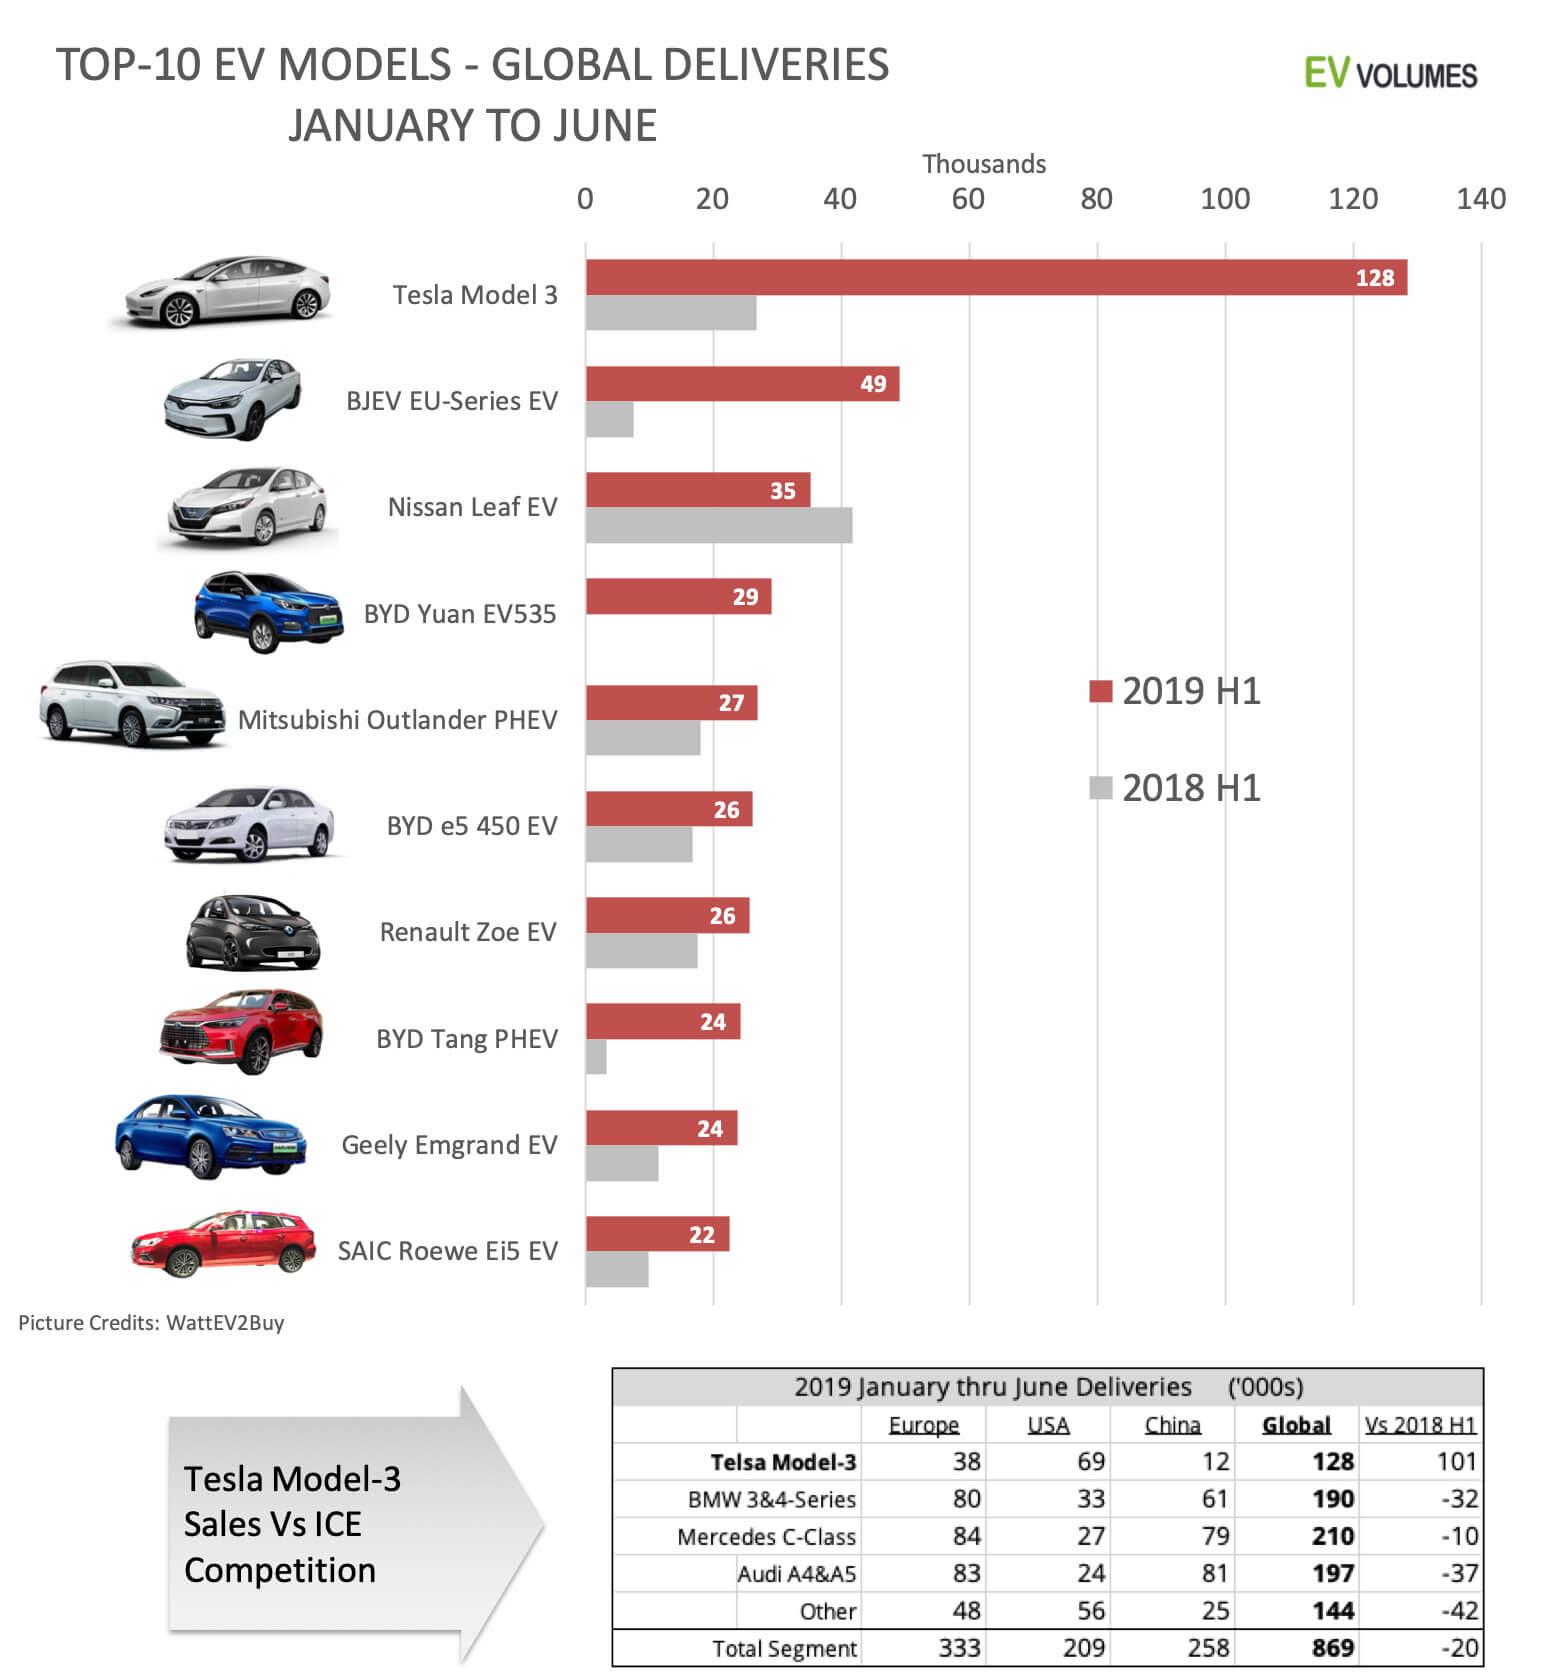 ТОП-10 самых продаваемых электромобилей и плагин-гибридов заянварь-июнь 2019 года